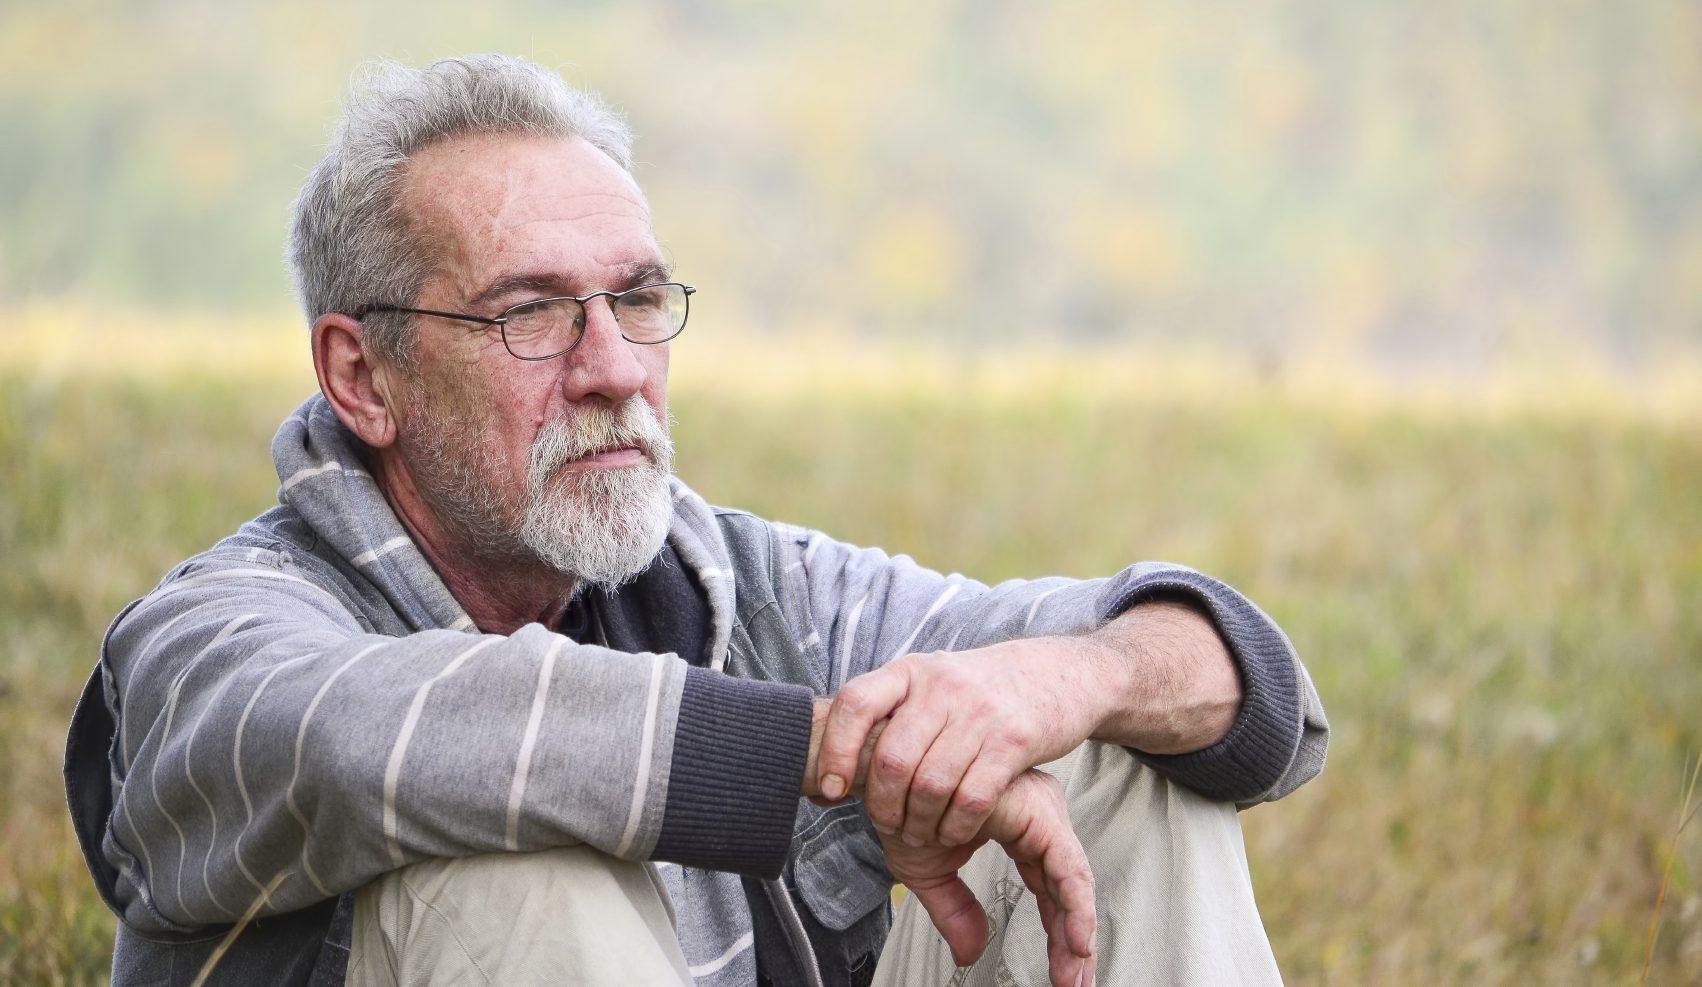 Yeni Bir Çalışmaya Göre, 45 Yaş Üstü Gay Erkekler Bekarlığı Daha Çok Seviyor